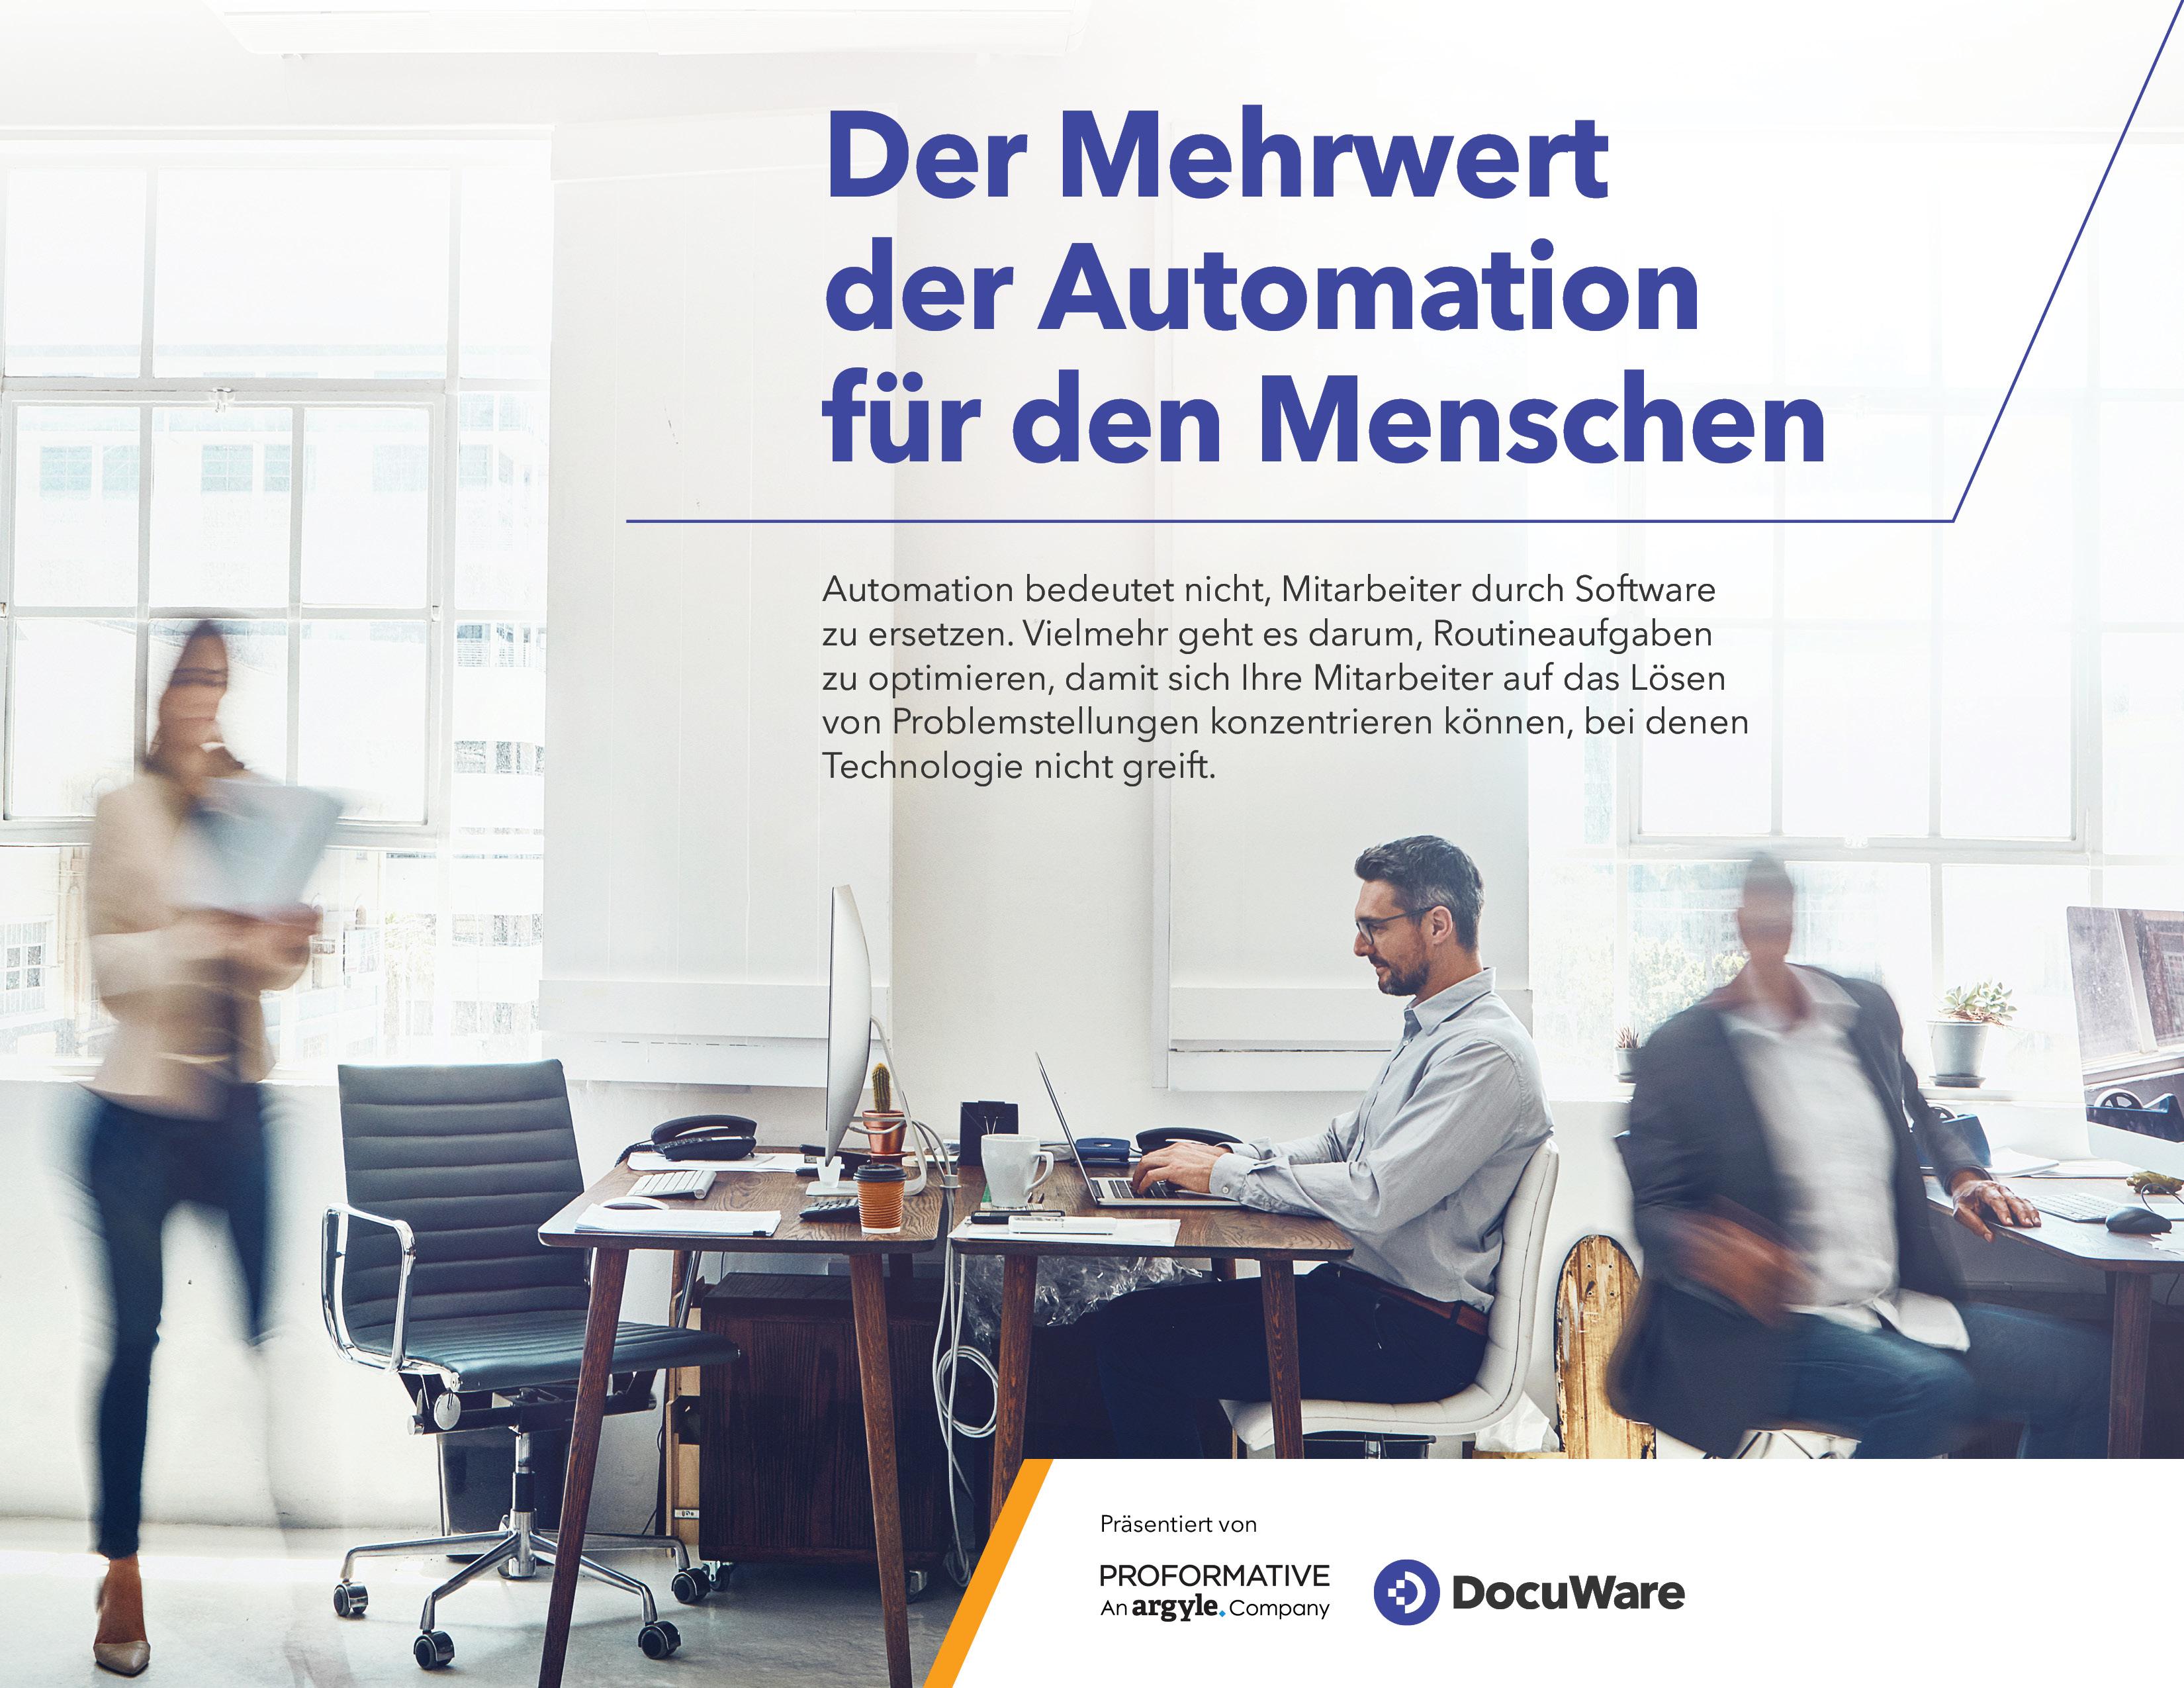 Mehrwert-Der-Automation-fuer-den-Menschen